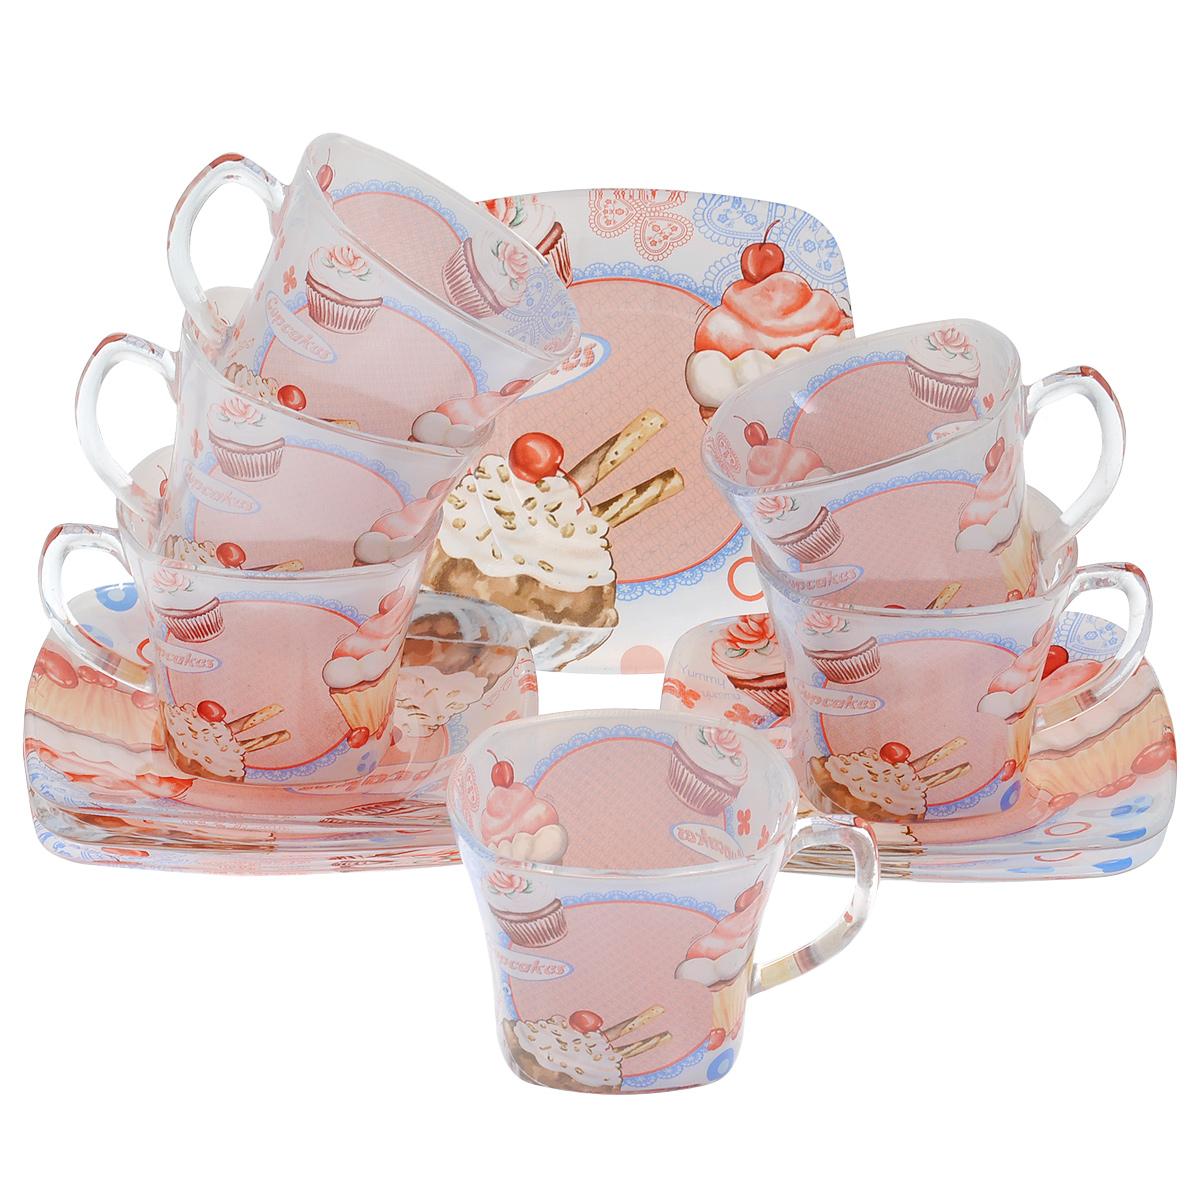 Набор посуды Кексы, 12 предметов10301Набор посуды состоит из 6 блюдец и 6 чашек. Изделия выполнены из высококачественного стекла и оформлены изображением кексов. Этот набор эффектно украсит стол, а также прекрасно подойдет для торжественных случаев. Красочность оформления придется по вкусу и ценителям классики, и тем, кто предпочитает утонченность и изящность.